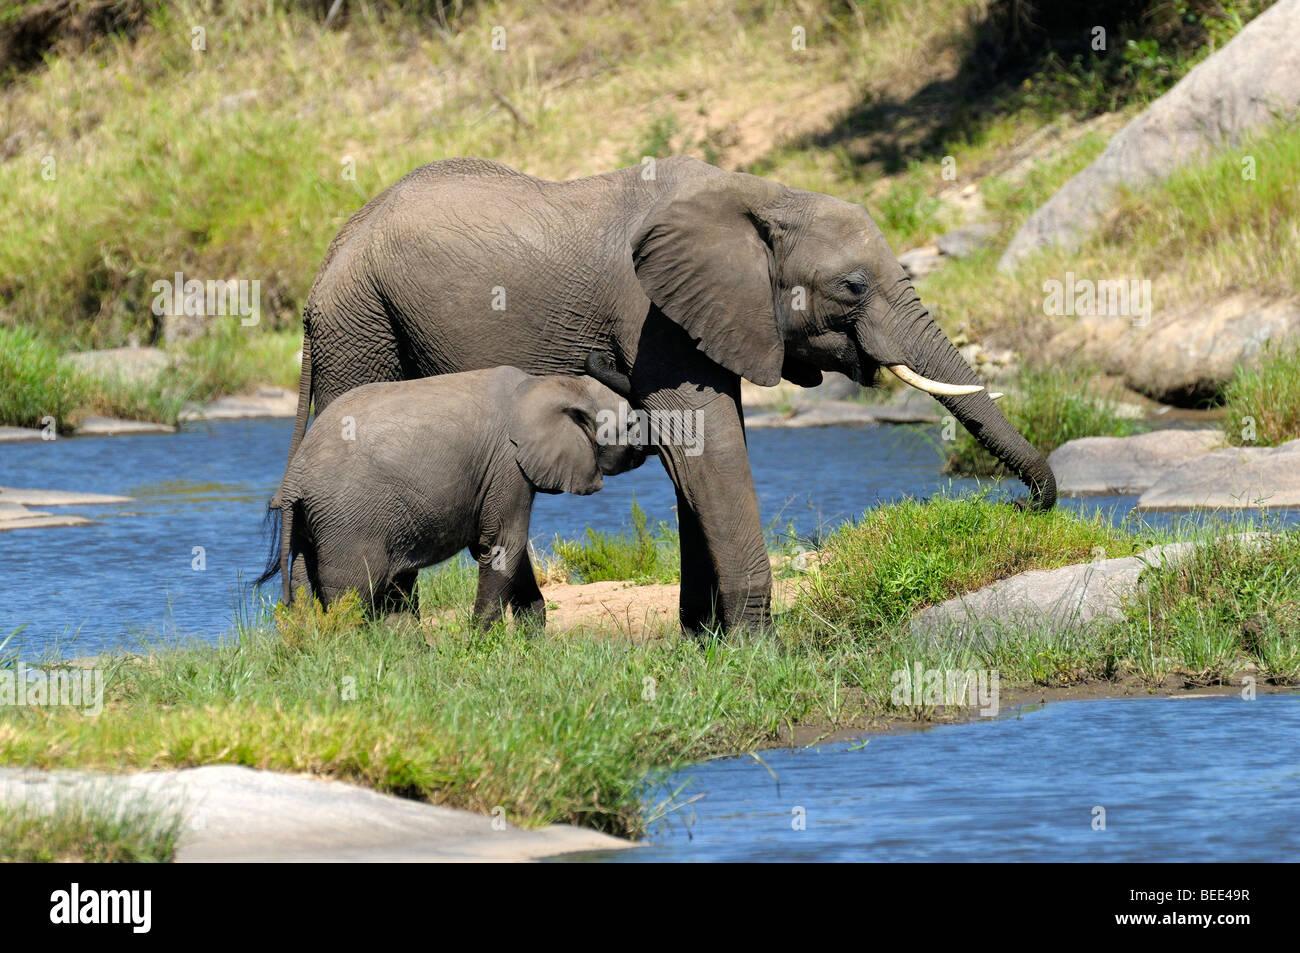 Bush Elefante africano (Loxodonta africana), la pantorrilla el cochinillo, la Reserva Natural de Masai Mara, Kenia, África Oriental Foto de stock